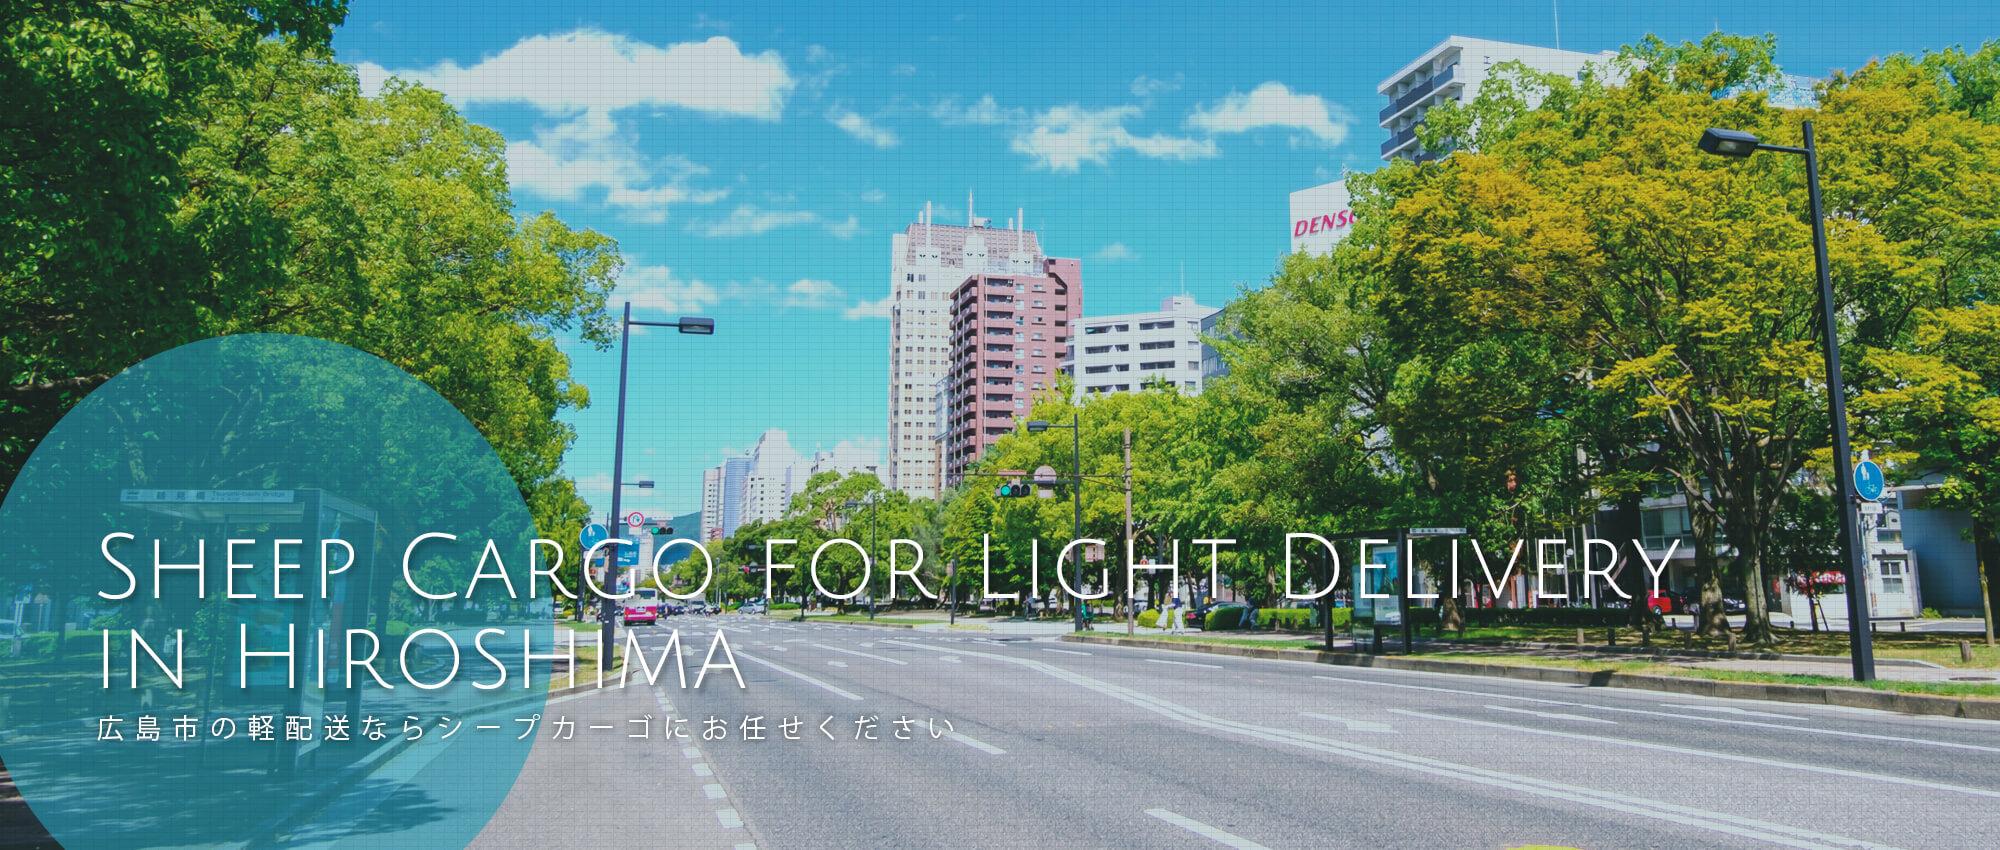 広島市の軽配送なら シープカーゴにお任せください